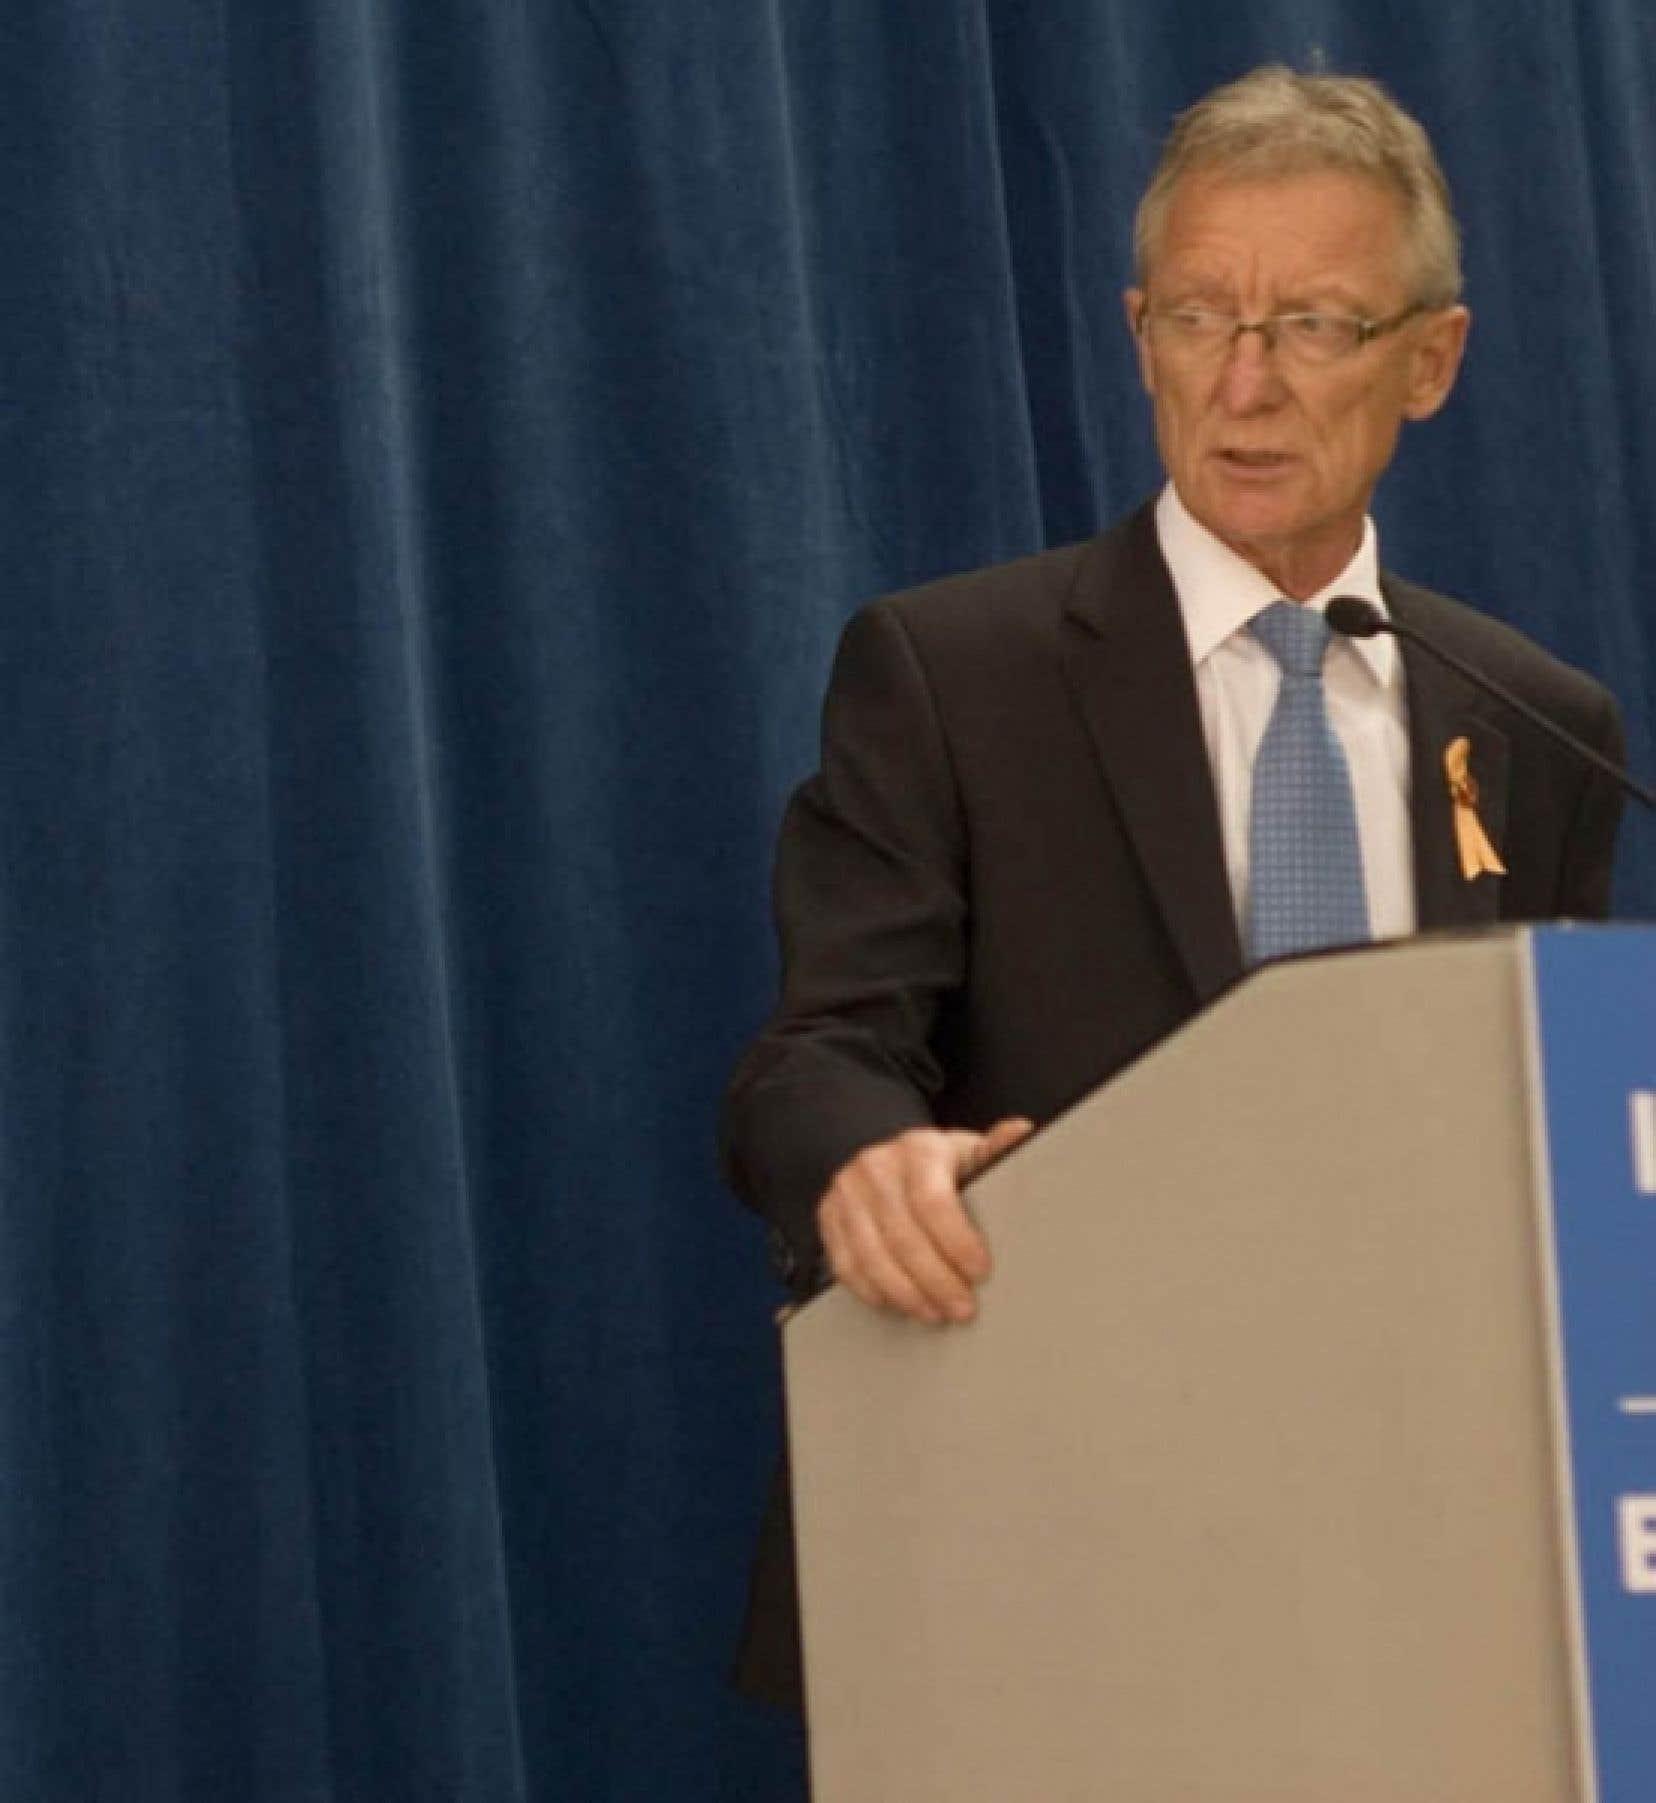 Le sénateur Pierre-Hugues Boisvenu estime que les meurtriers irrécupérables devraient avoir le «libre-choix» de se suicider en prison et assure que la population est d'accord avec lui.